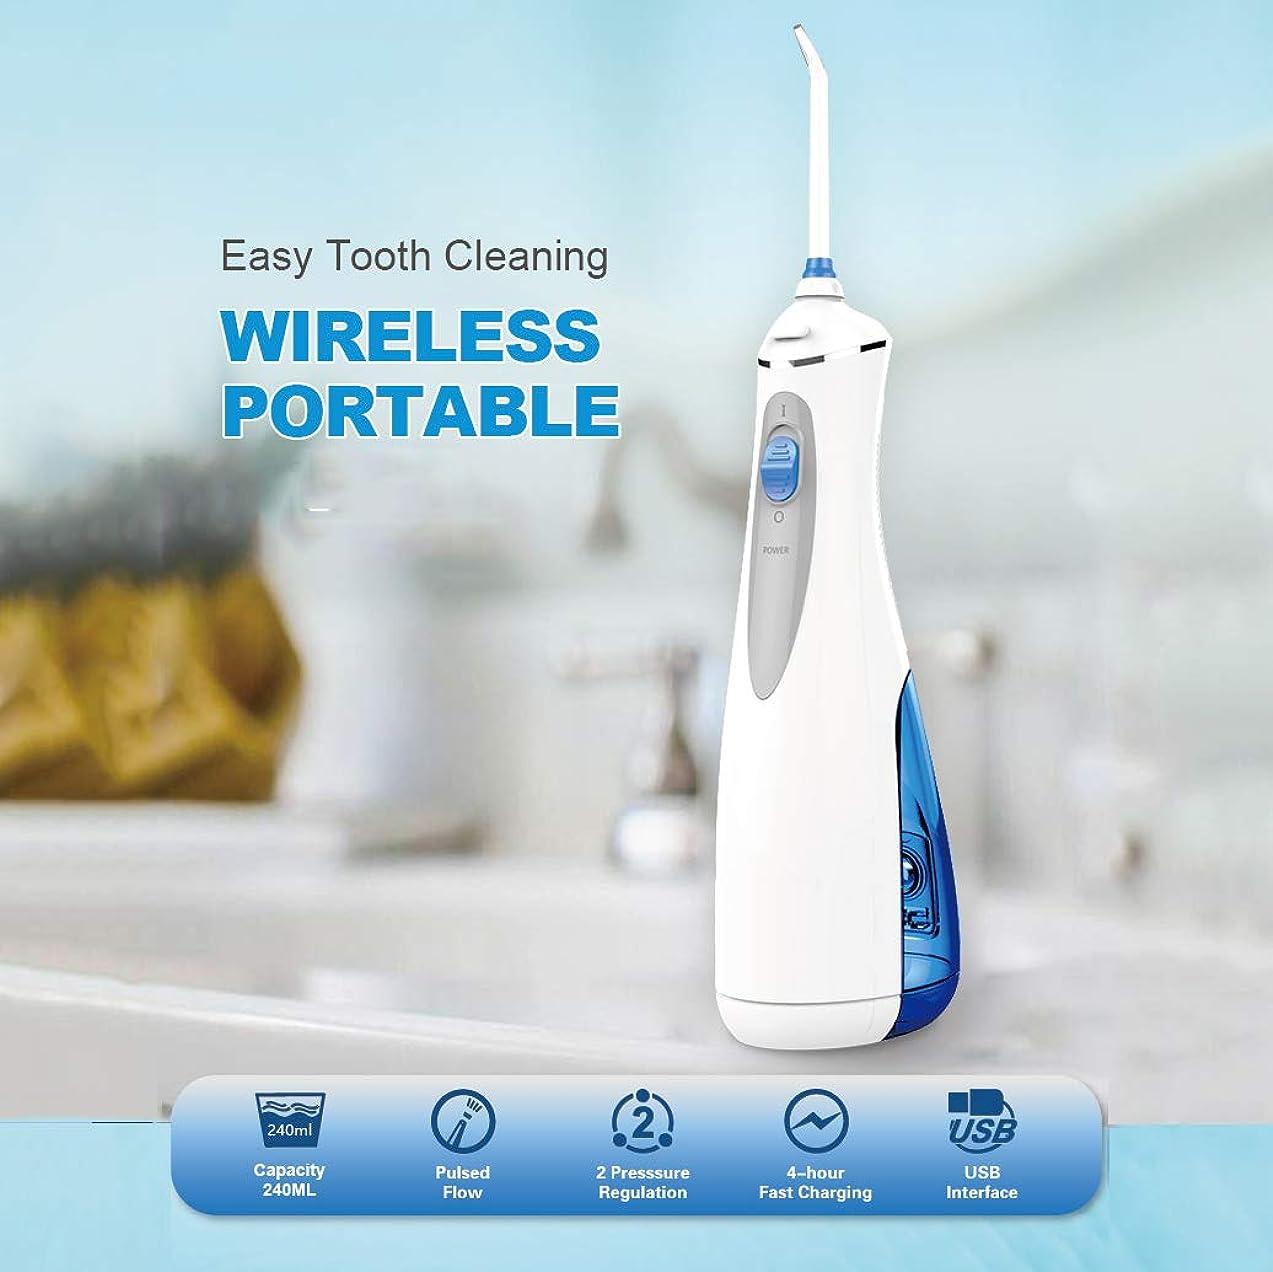 倒産発表ミキサー口腔洗浄器きれいな歯のためのコードレス水デンタルフロスIpx7の再充電可能な口頭歯科Flosser